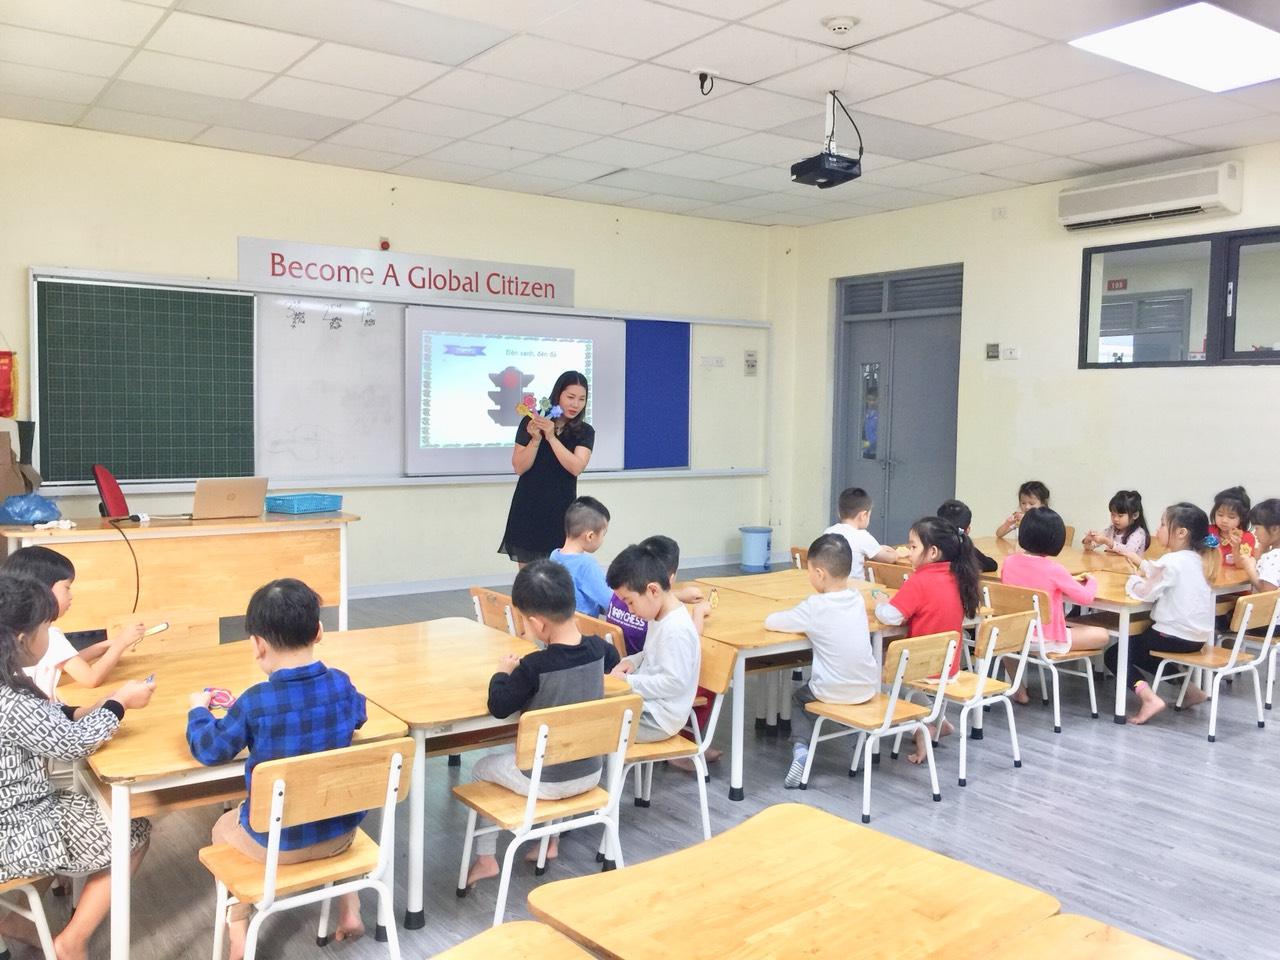 """Lớp học """"Tiền tiểu học"""" của các bé khối mẫu giáo lớn trường mầm non Hanoi Academy Lớp học """"Tiền tiểu học"""" của các bé khối mẫu giáo lớn trường mầm non Hanoi Academy"""